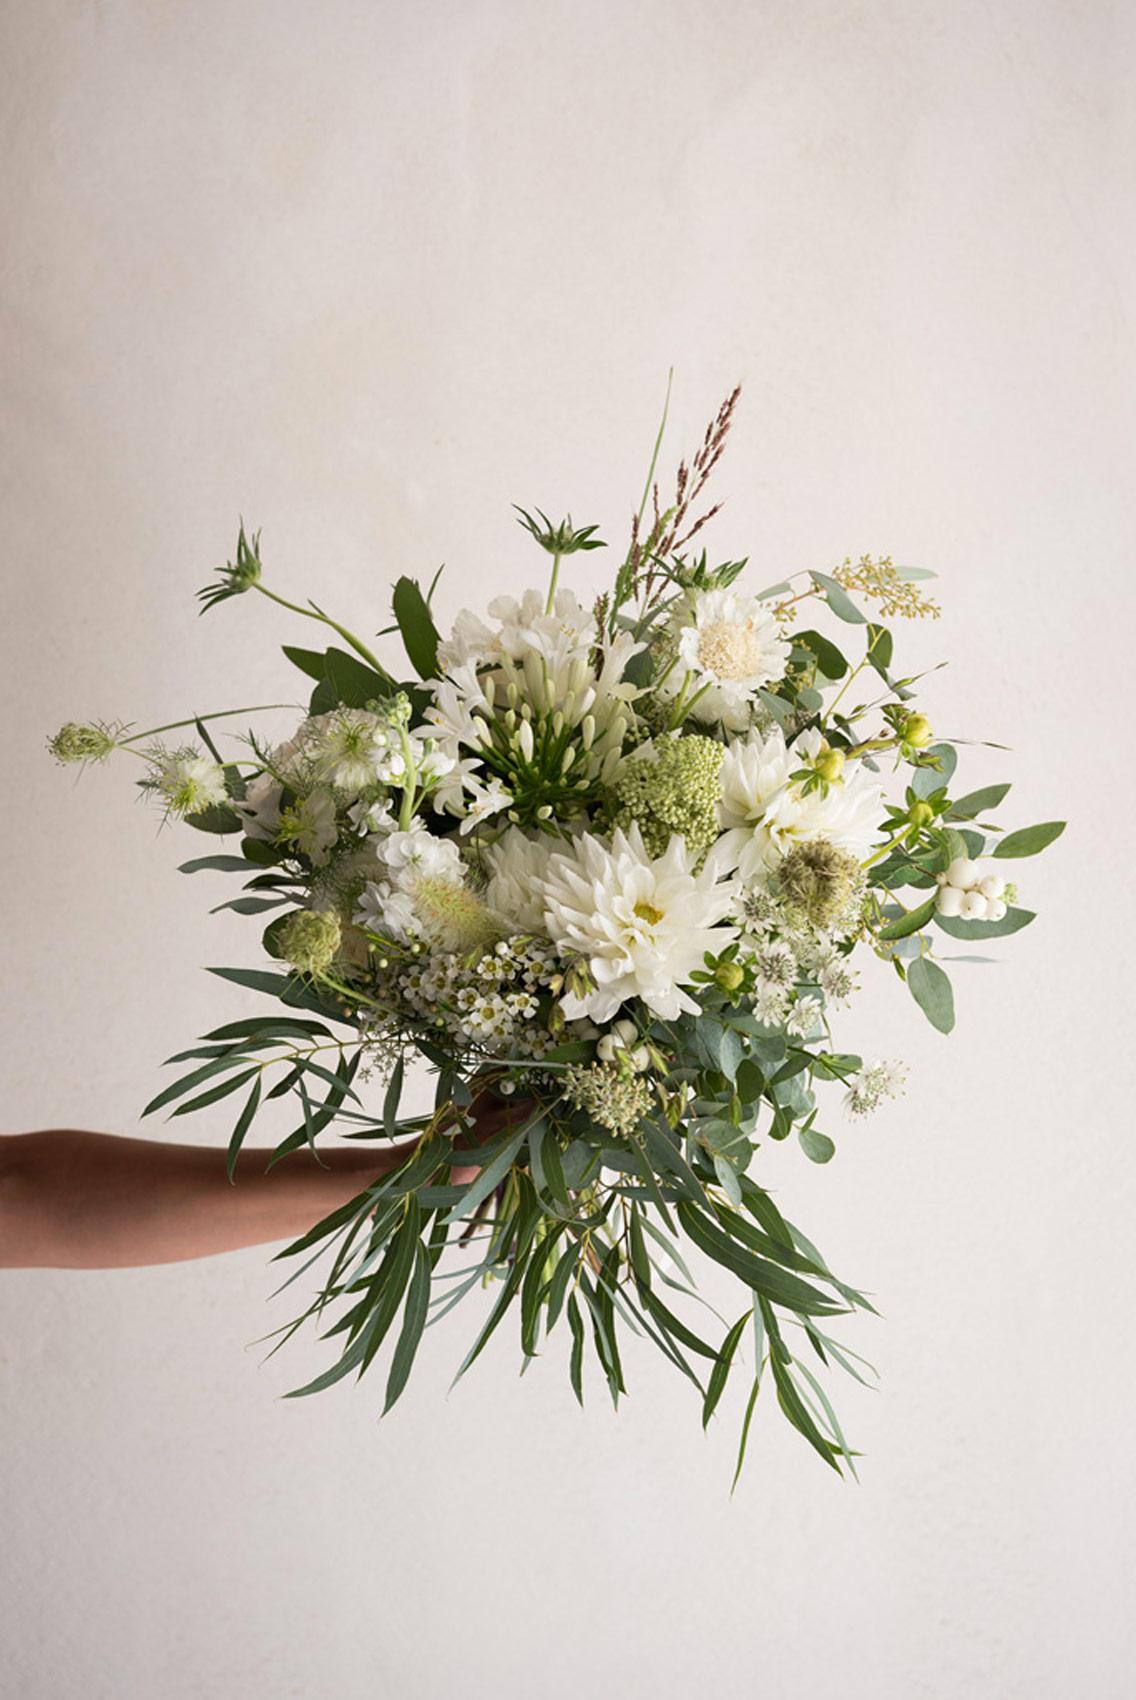 fdm_bouquets_2